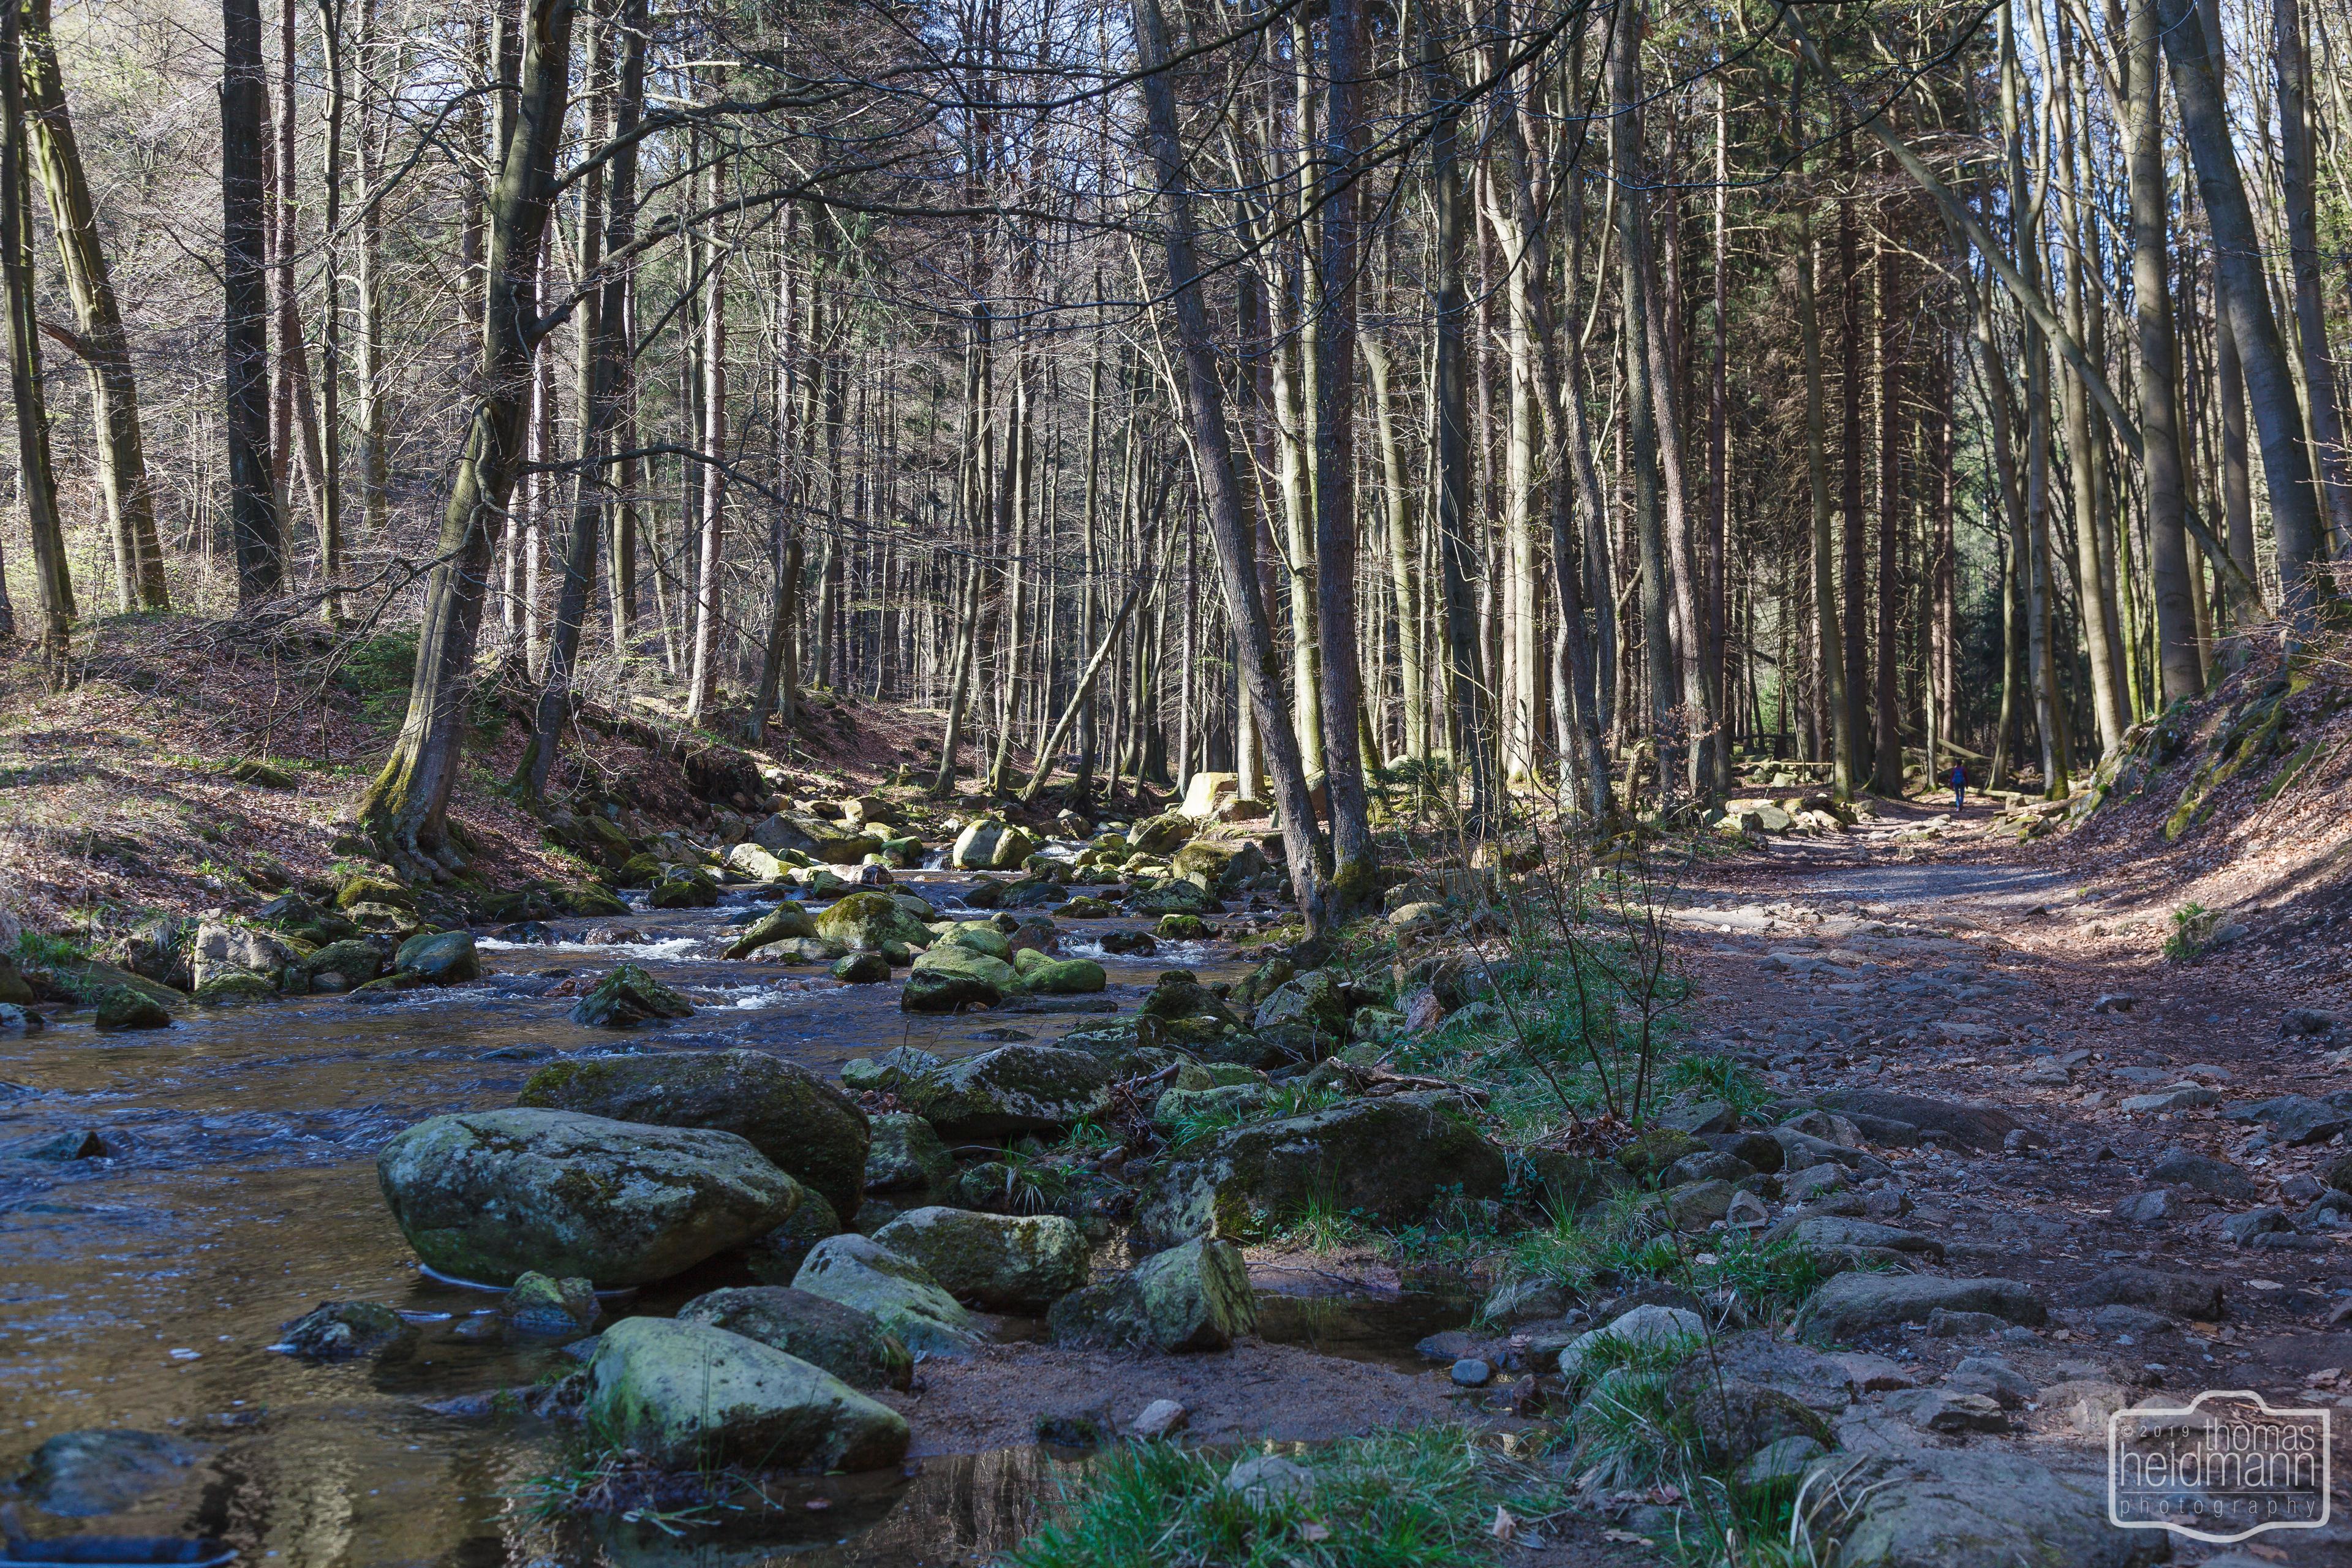 Heinrich-Heine-Wanderweg